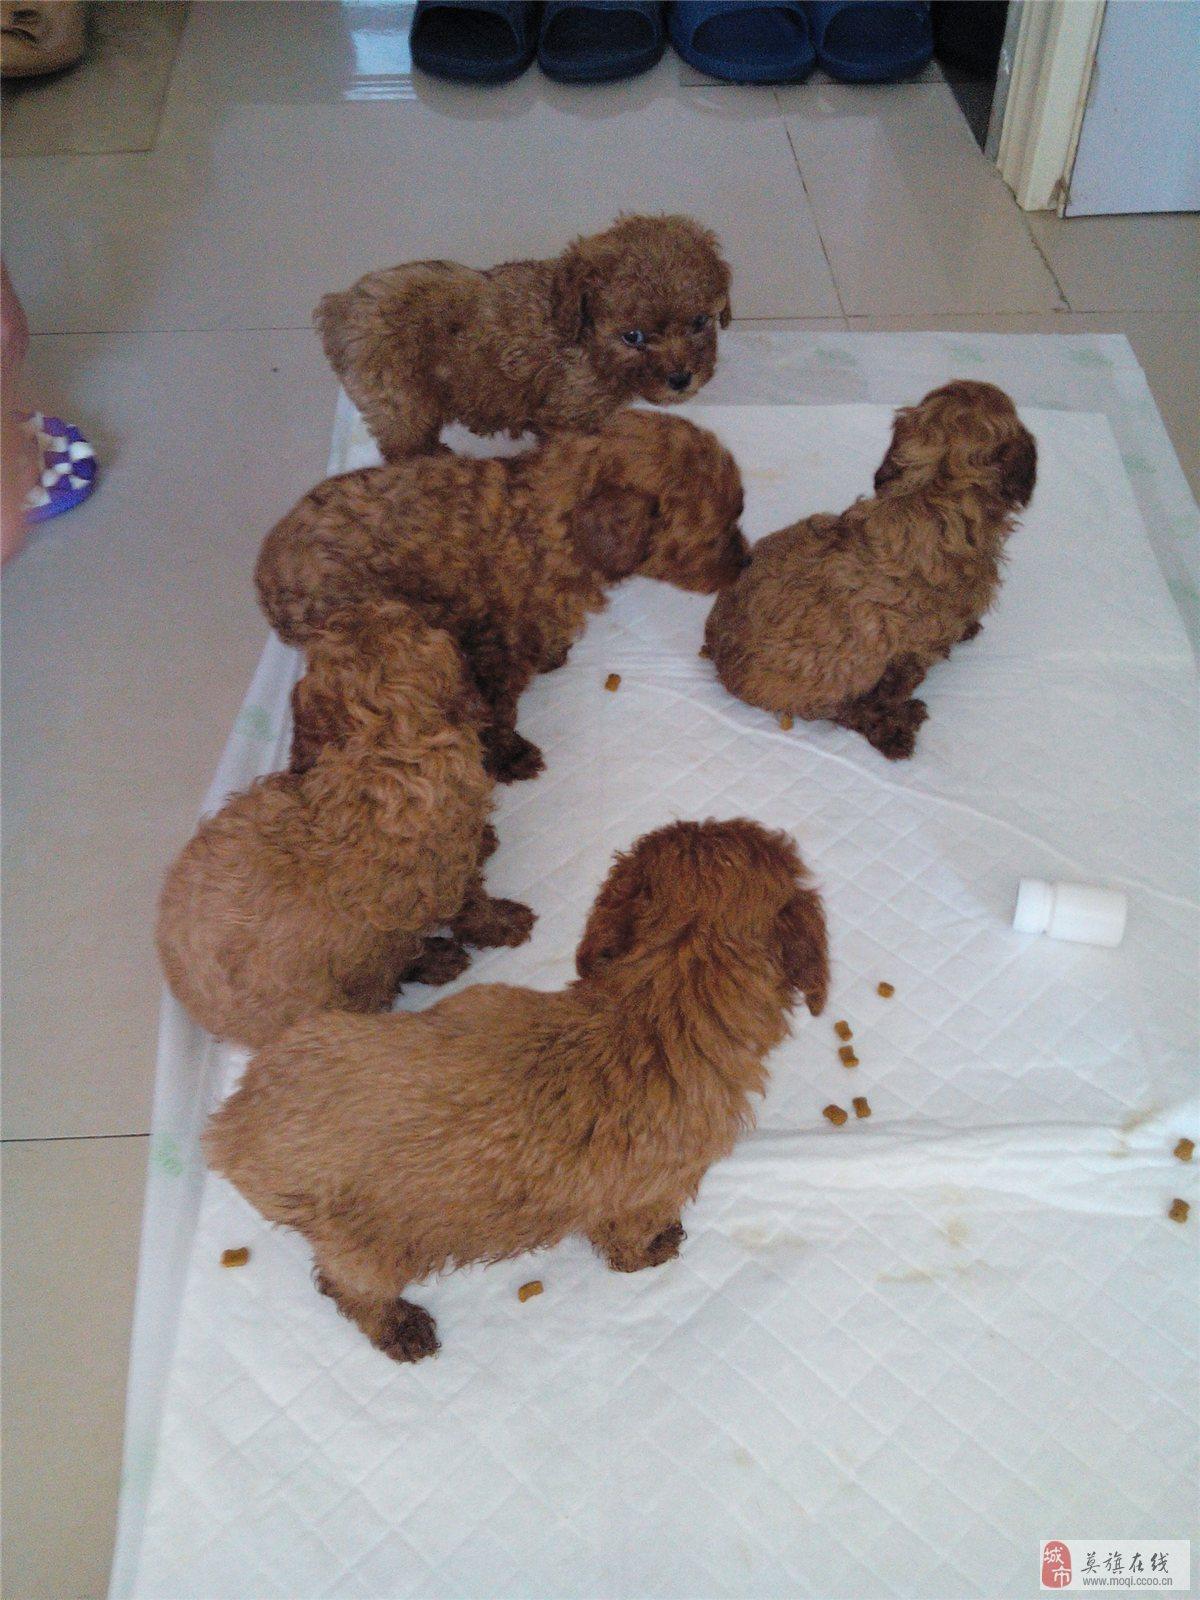 五冃天_我家养了只小泰迪狗,一个多月该打啥预防针呢小泰迪,刚出生五十天该打